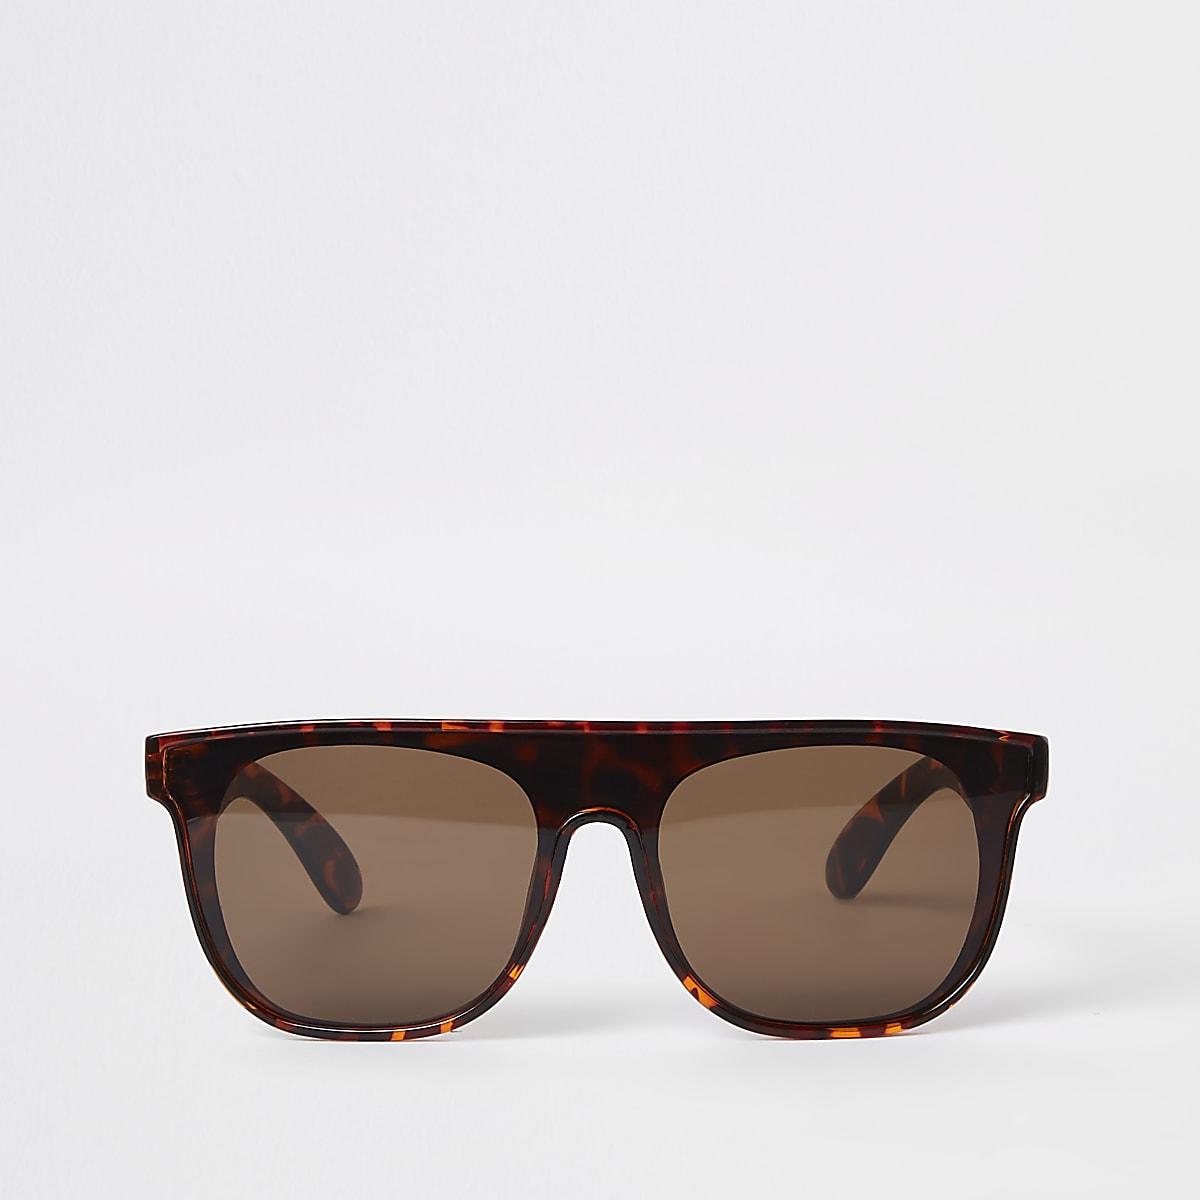 Brown tortoise shell visor sunglasses